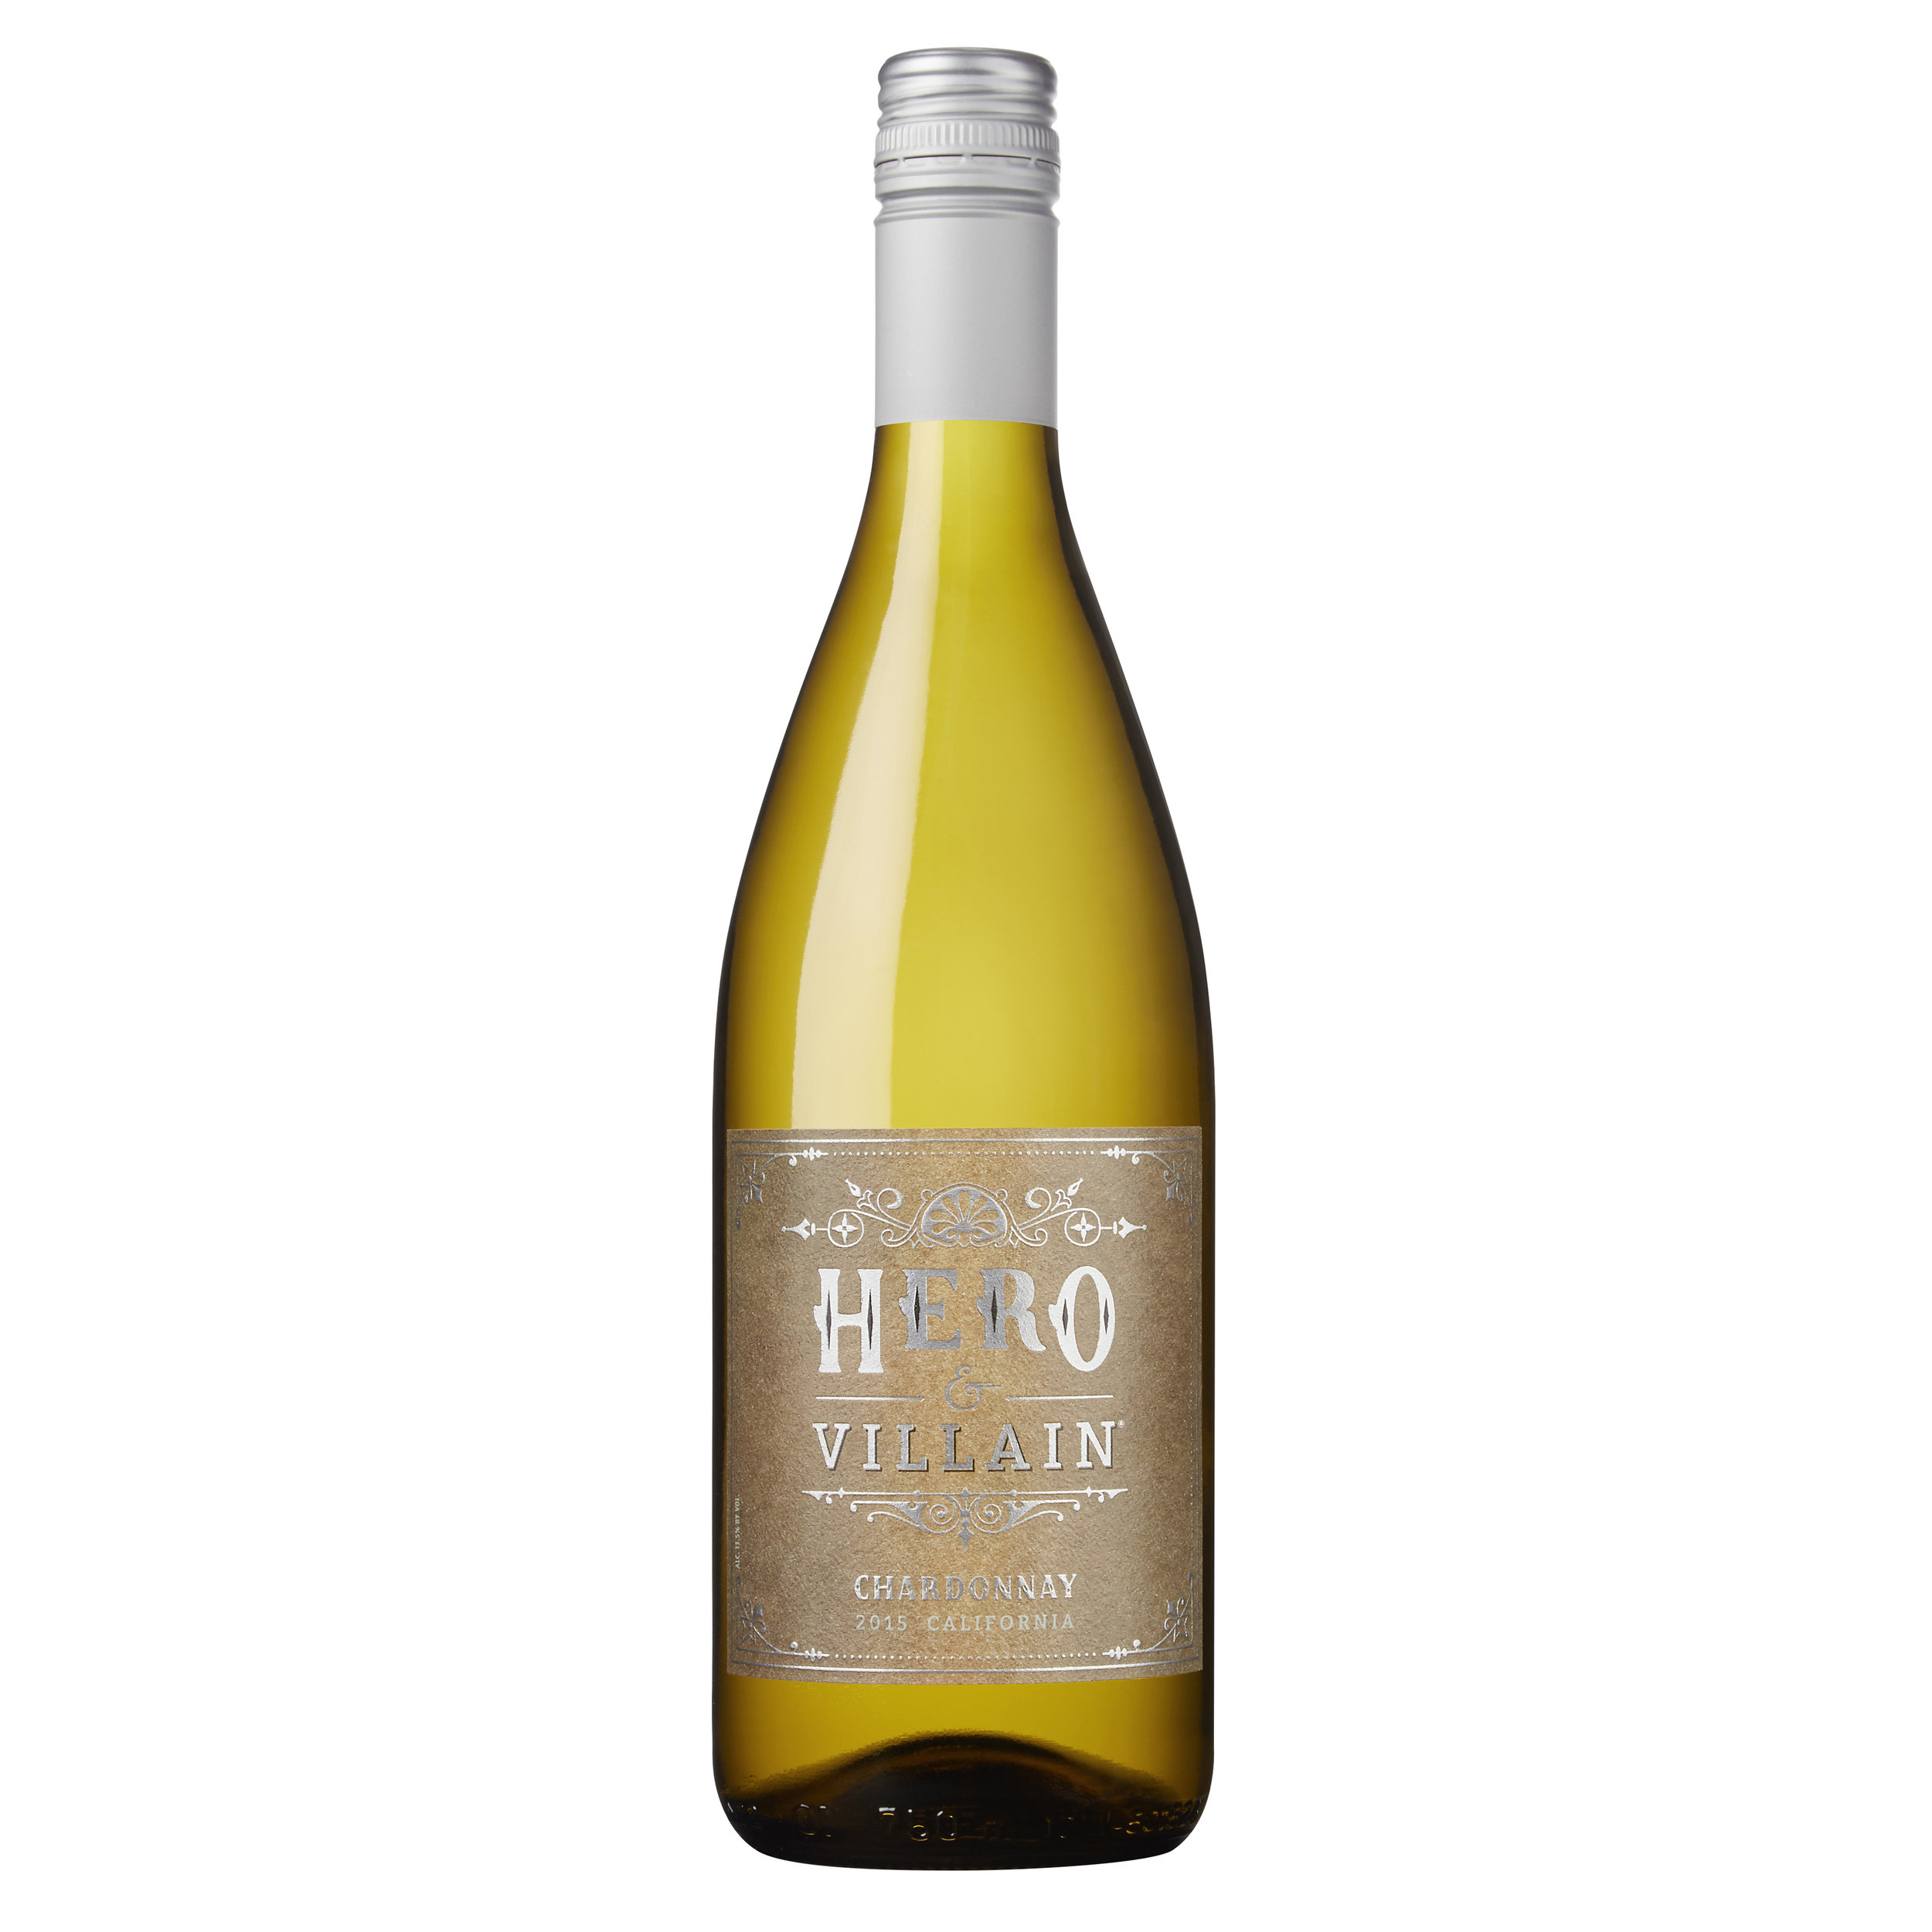 Sonoma Bottle - wine bottle shot photography - Fetzer - Chardonnay